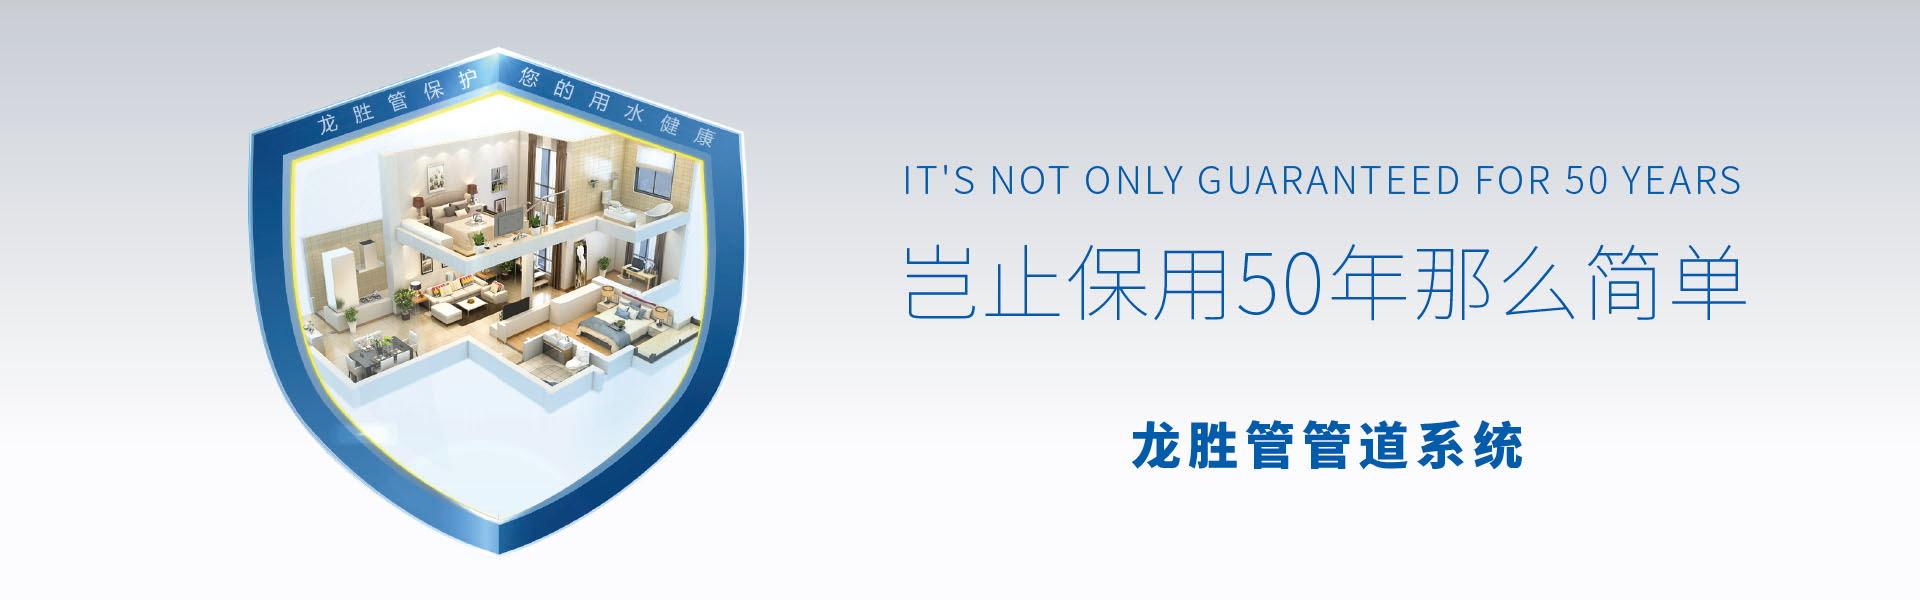 体育投注官网品牌宣言海报